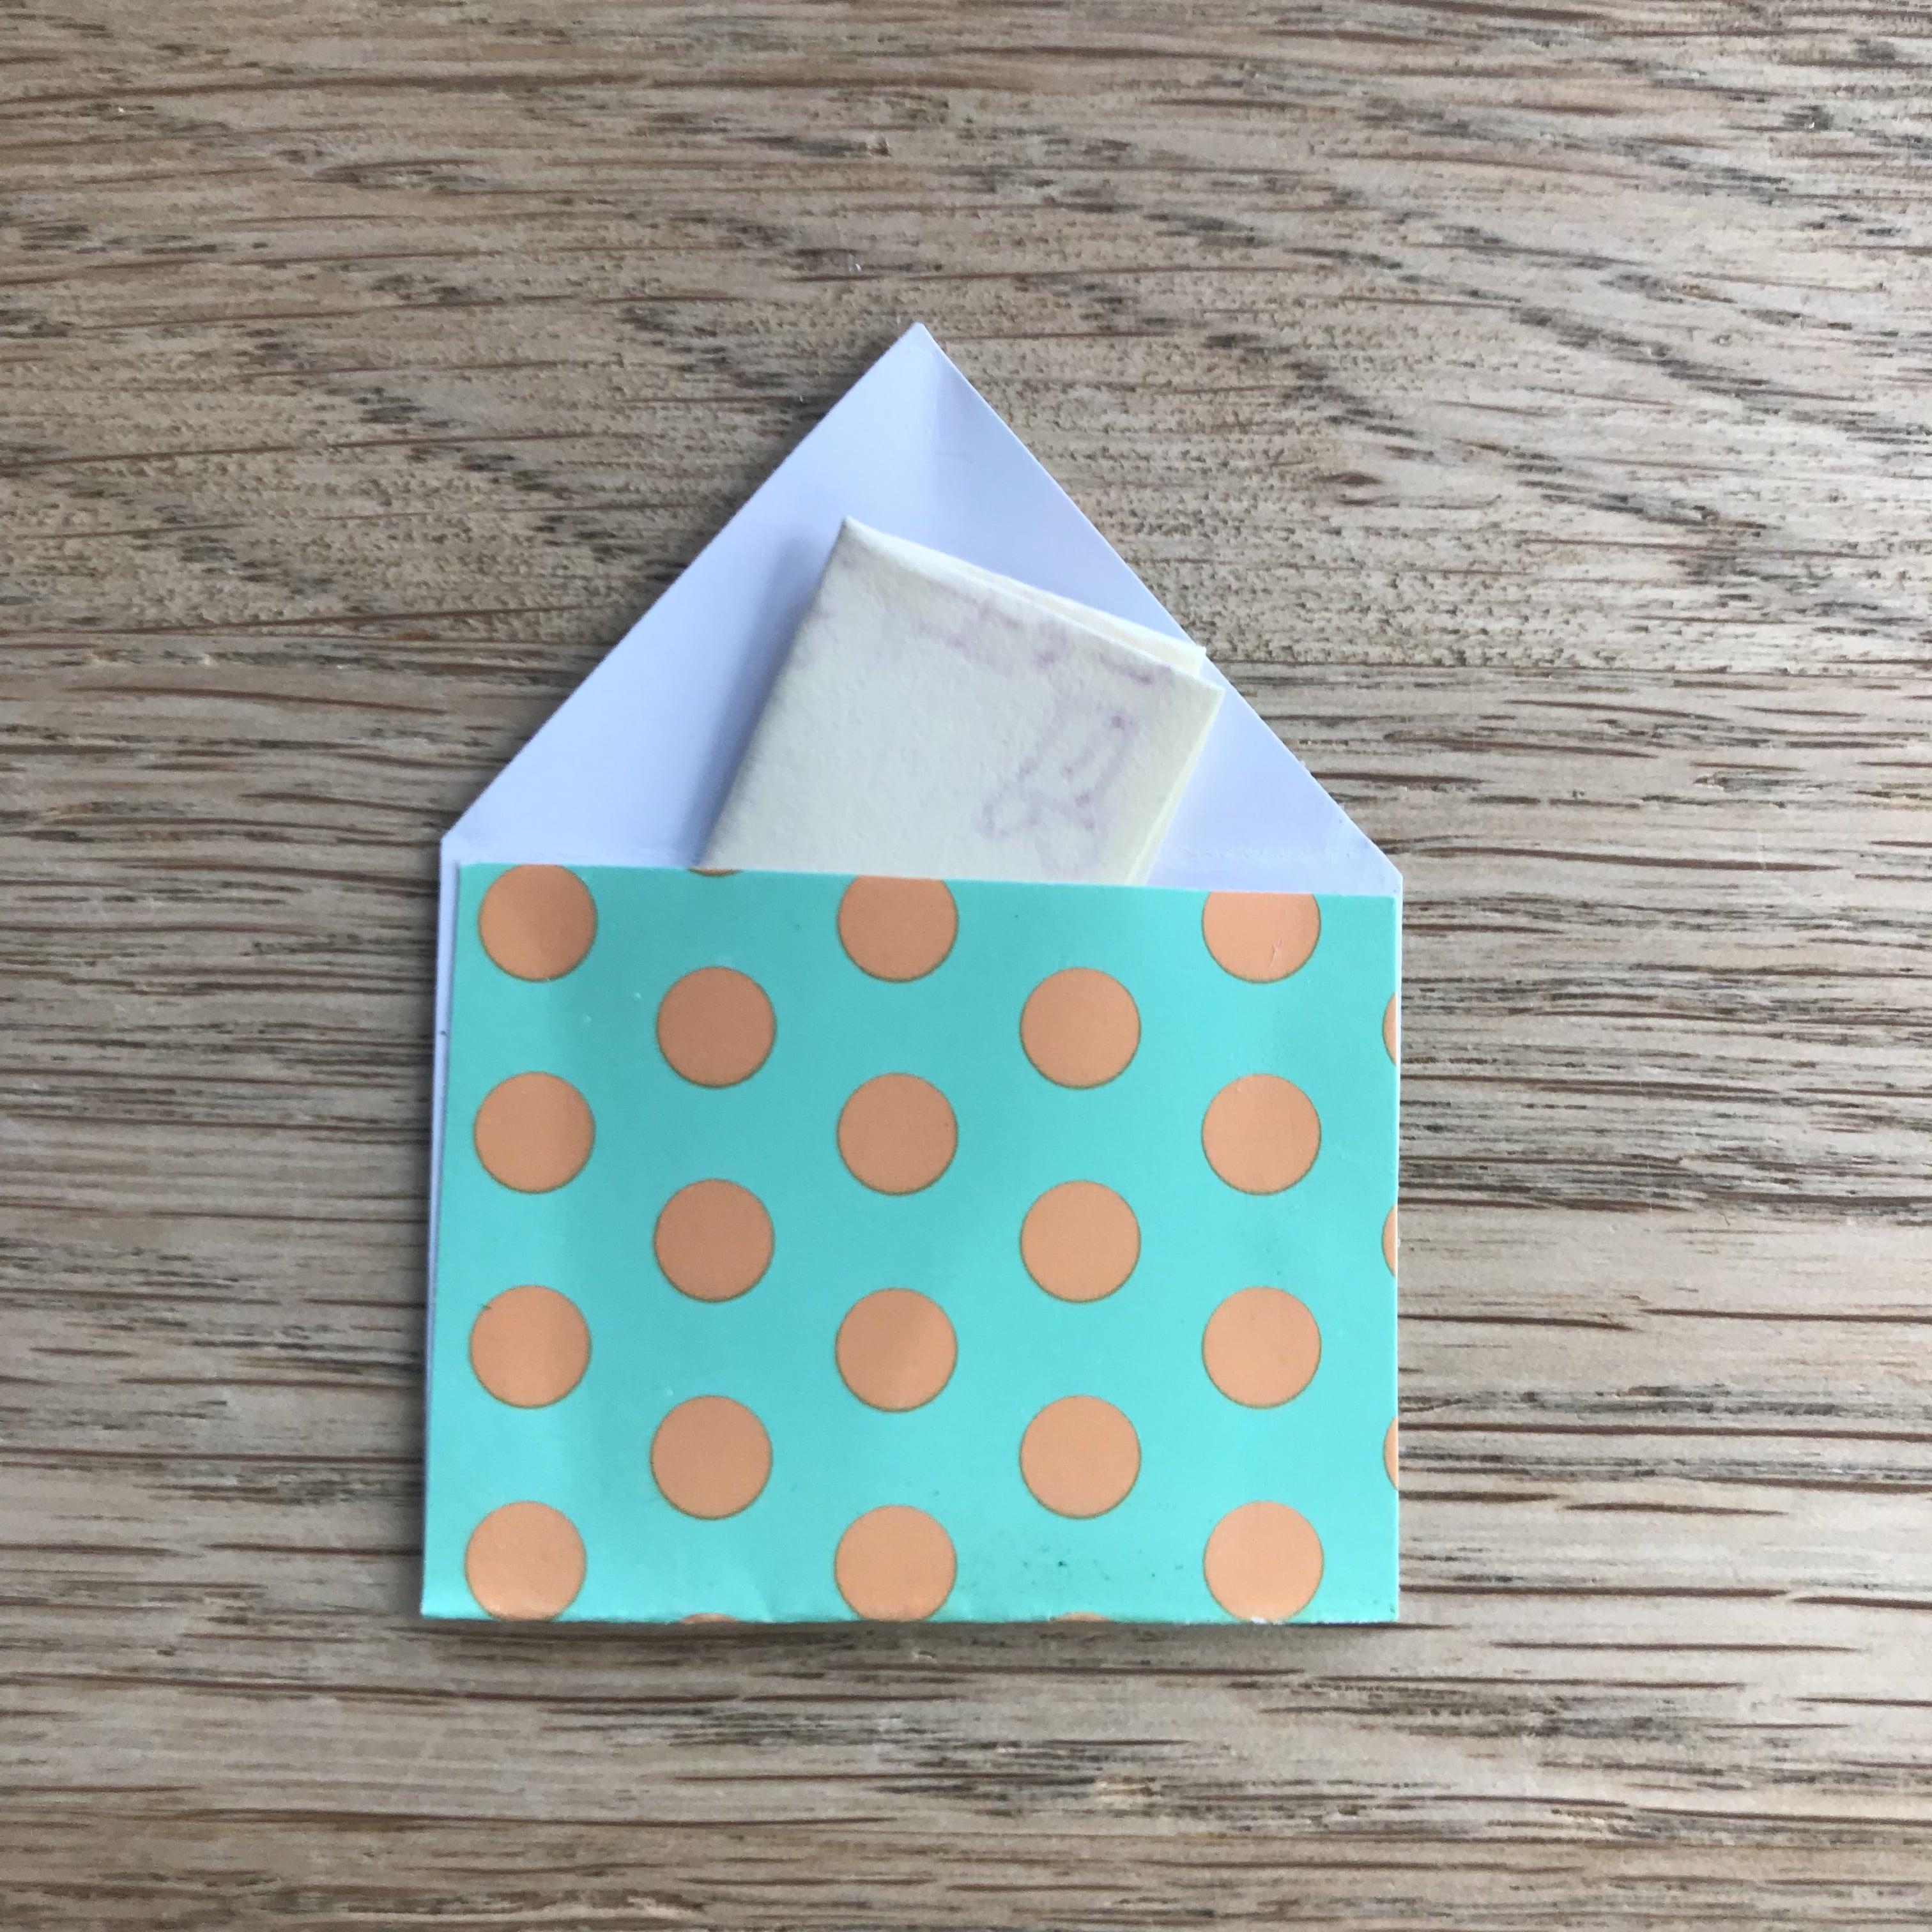 Osterkarte selber machen, Briefumschlag